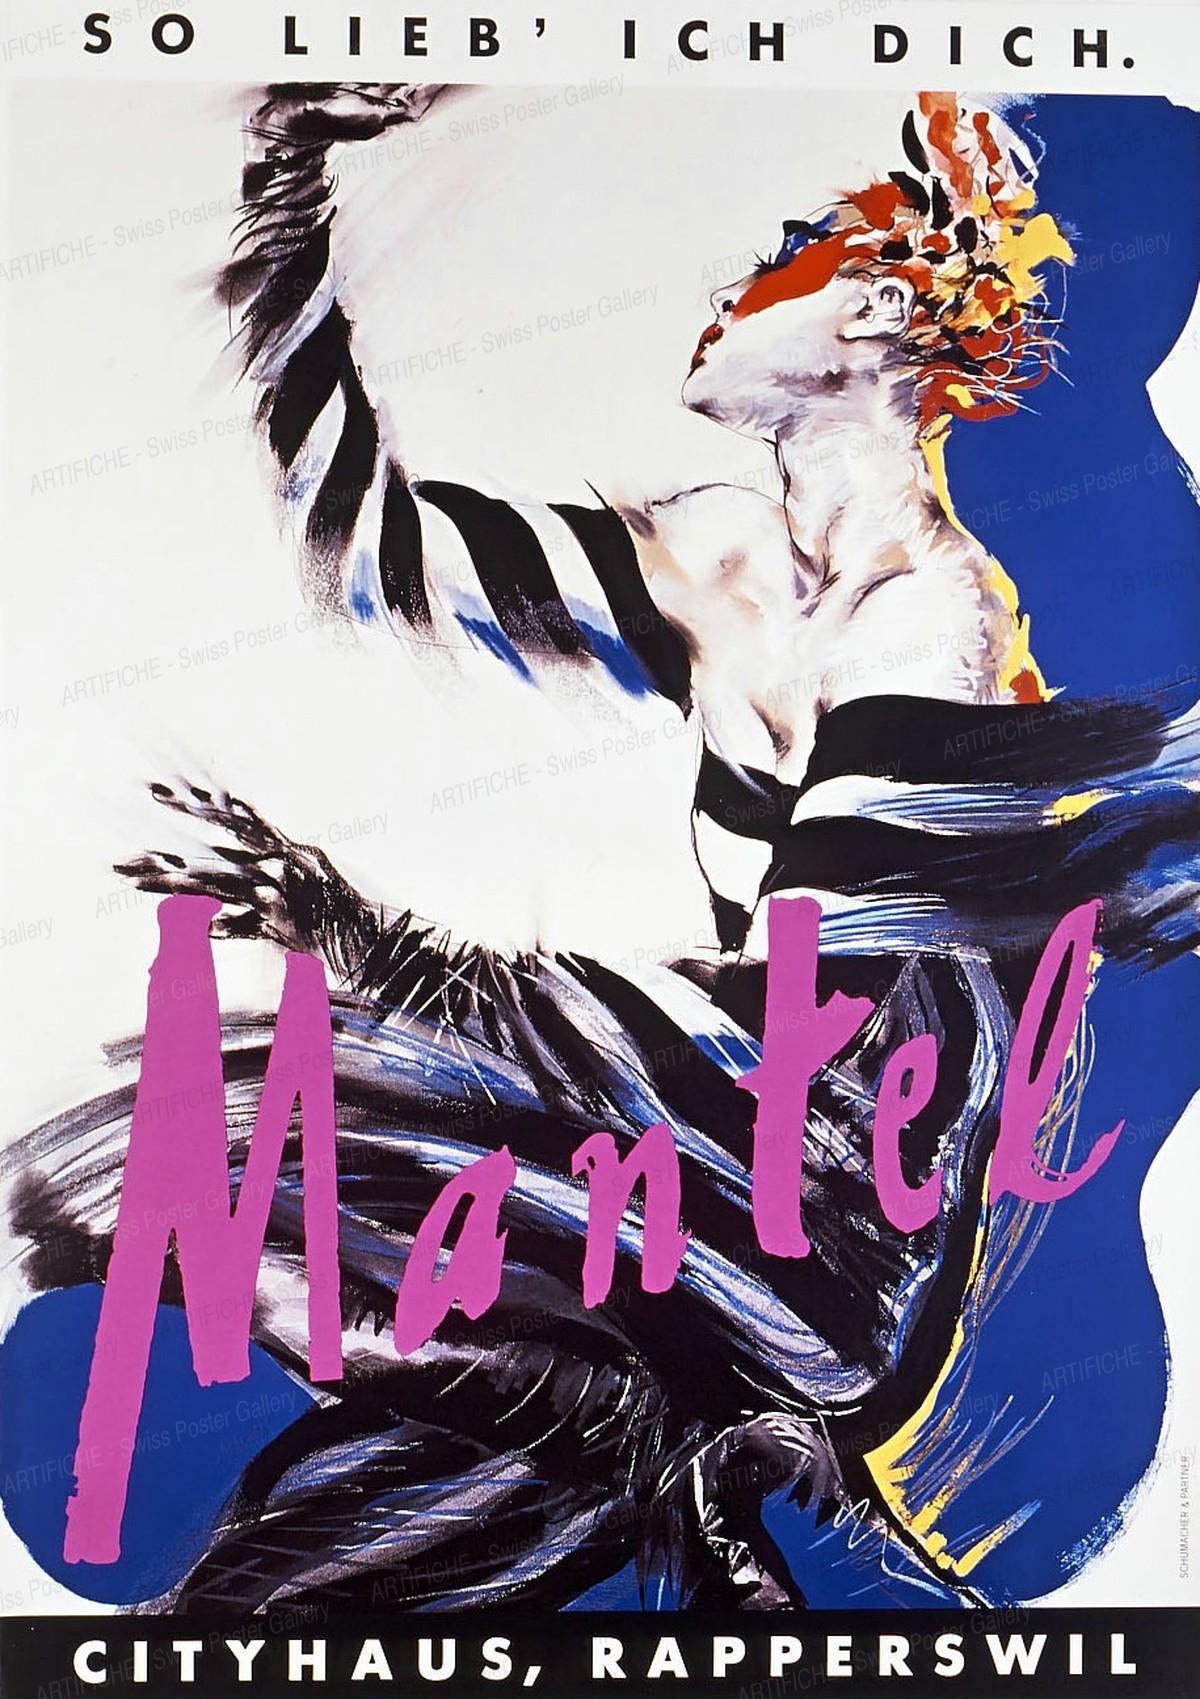 Cityhaus Mantel Fashion Store. That's the way I love you., Hélène Mayéra